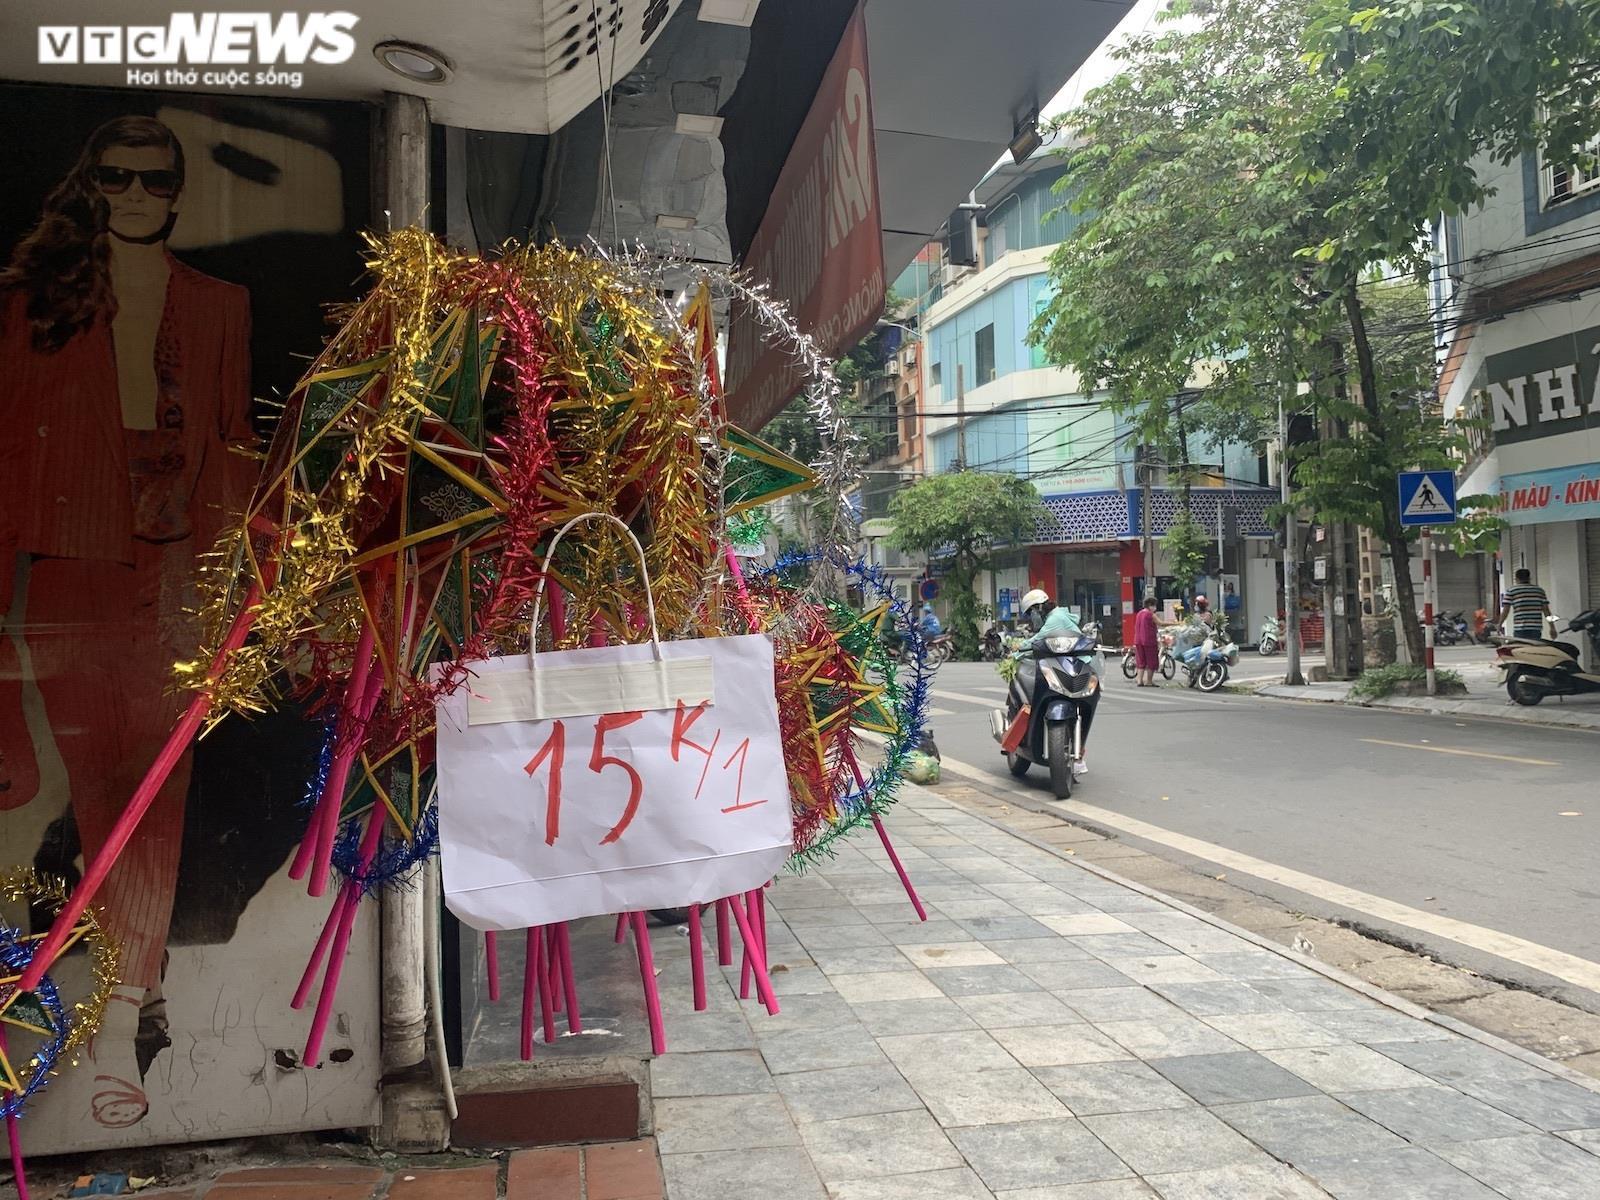 Cảnh bán đồ chơi trung thu lạ đời ở Hà Nội - 7